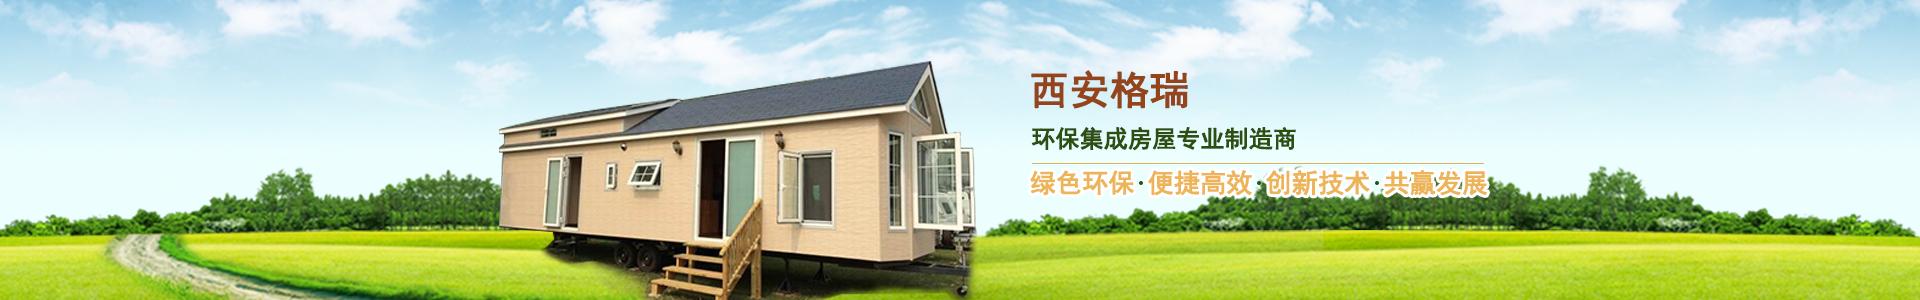 轻钢结构别墅,轻钢结构别墅造价,轻钢结构房屋